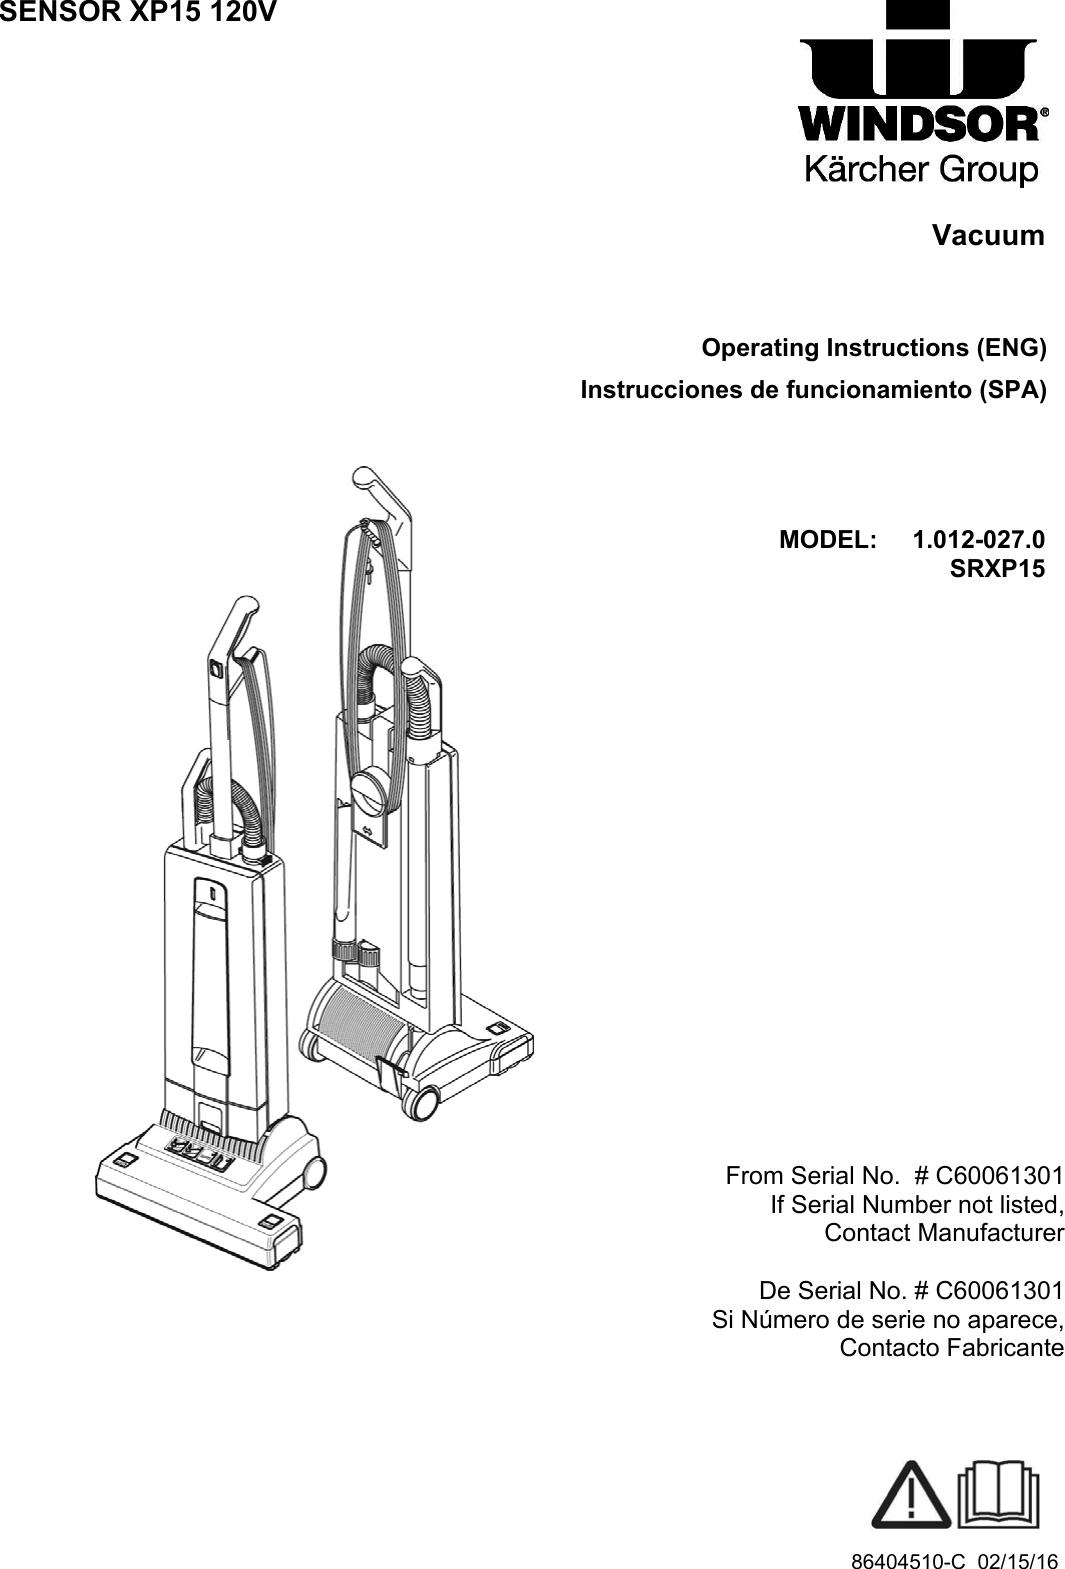 Windsor sensor xp15 120v upright vacuum service parts manual